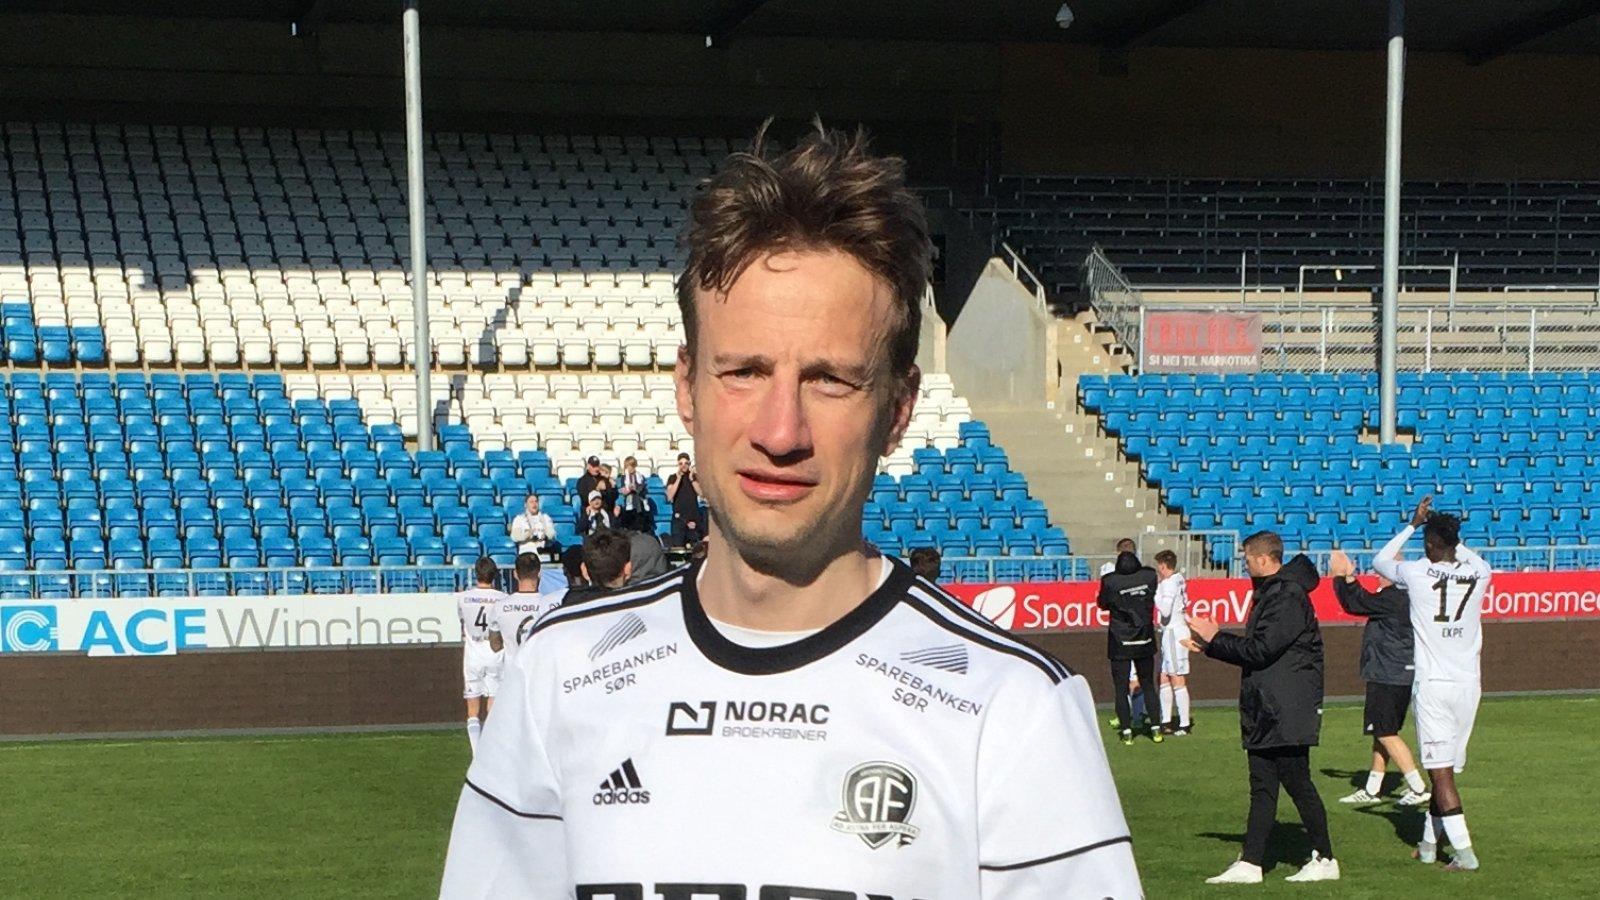 Petar Rnkovic etter 4-1 mot Vard i Haugesund